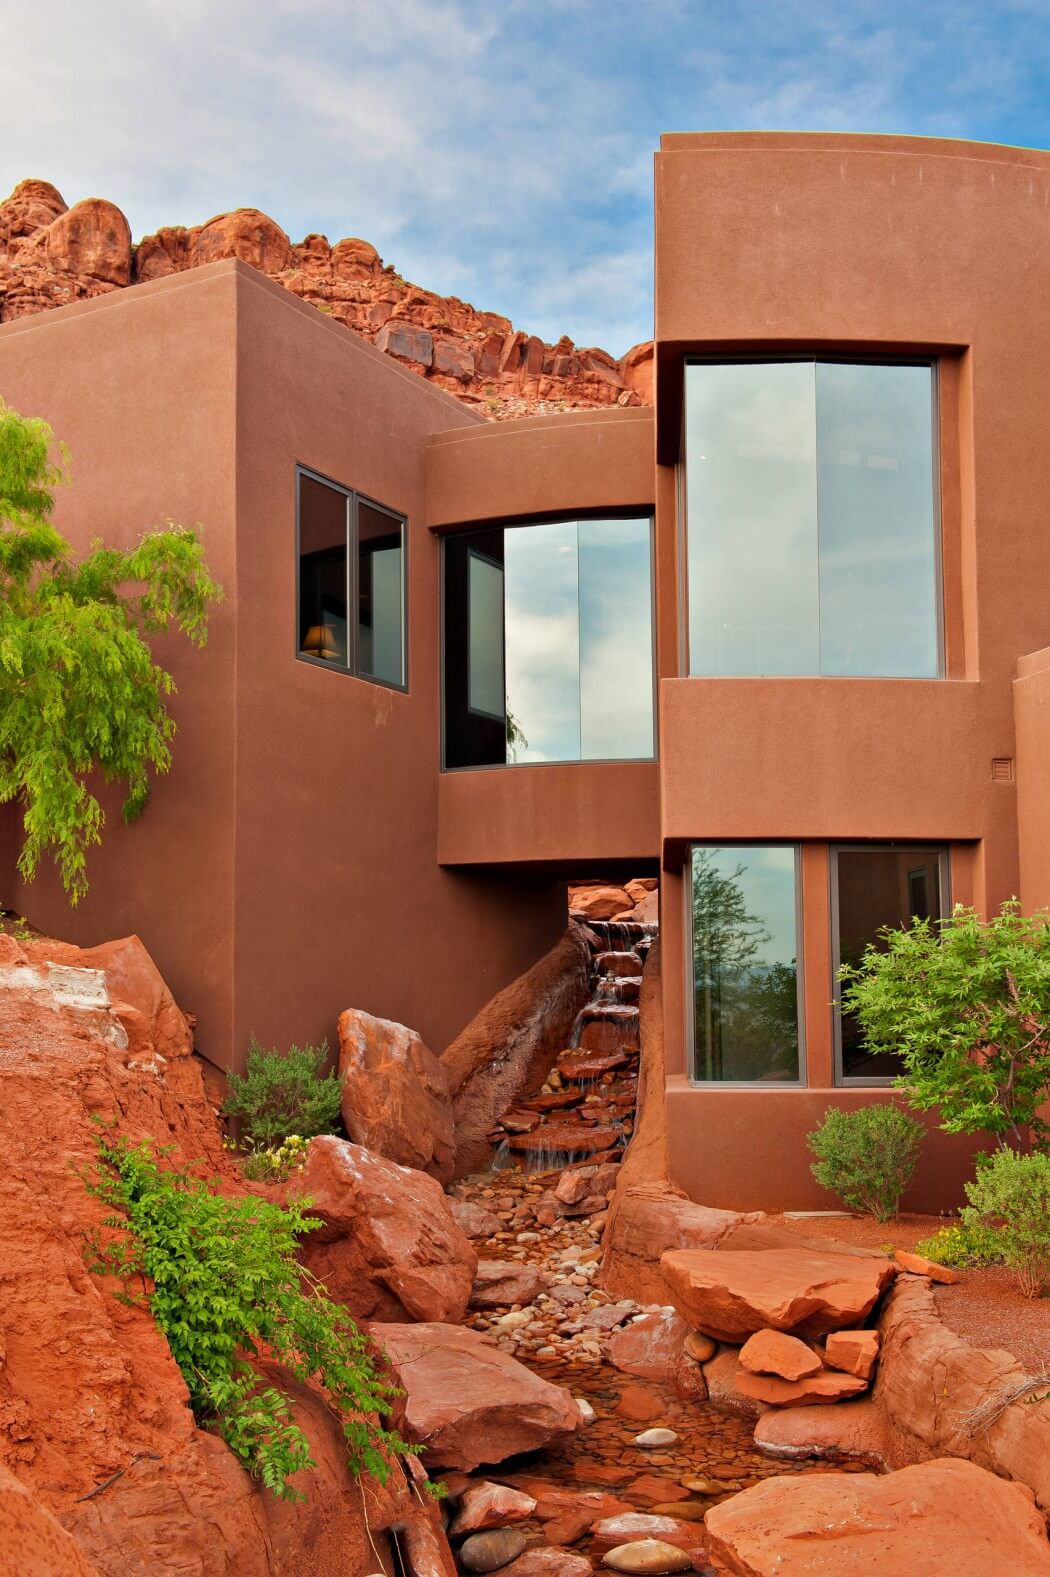 Belle maison au c ur du d sert dans l tat d utah - Belle maison valencia tucson fratantoni design ...